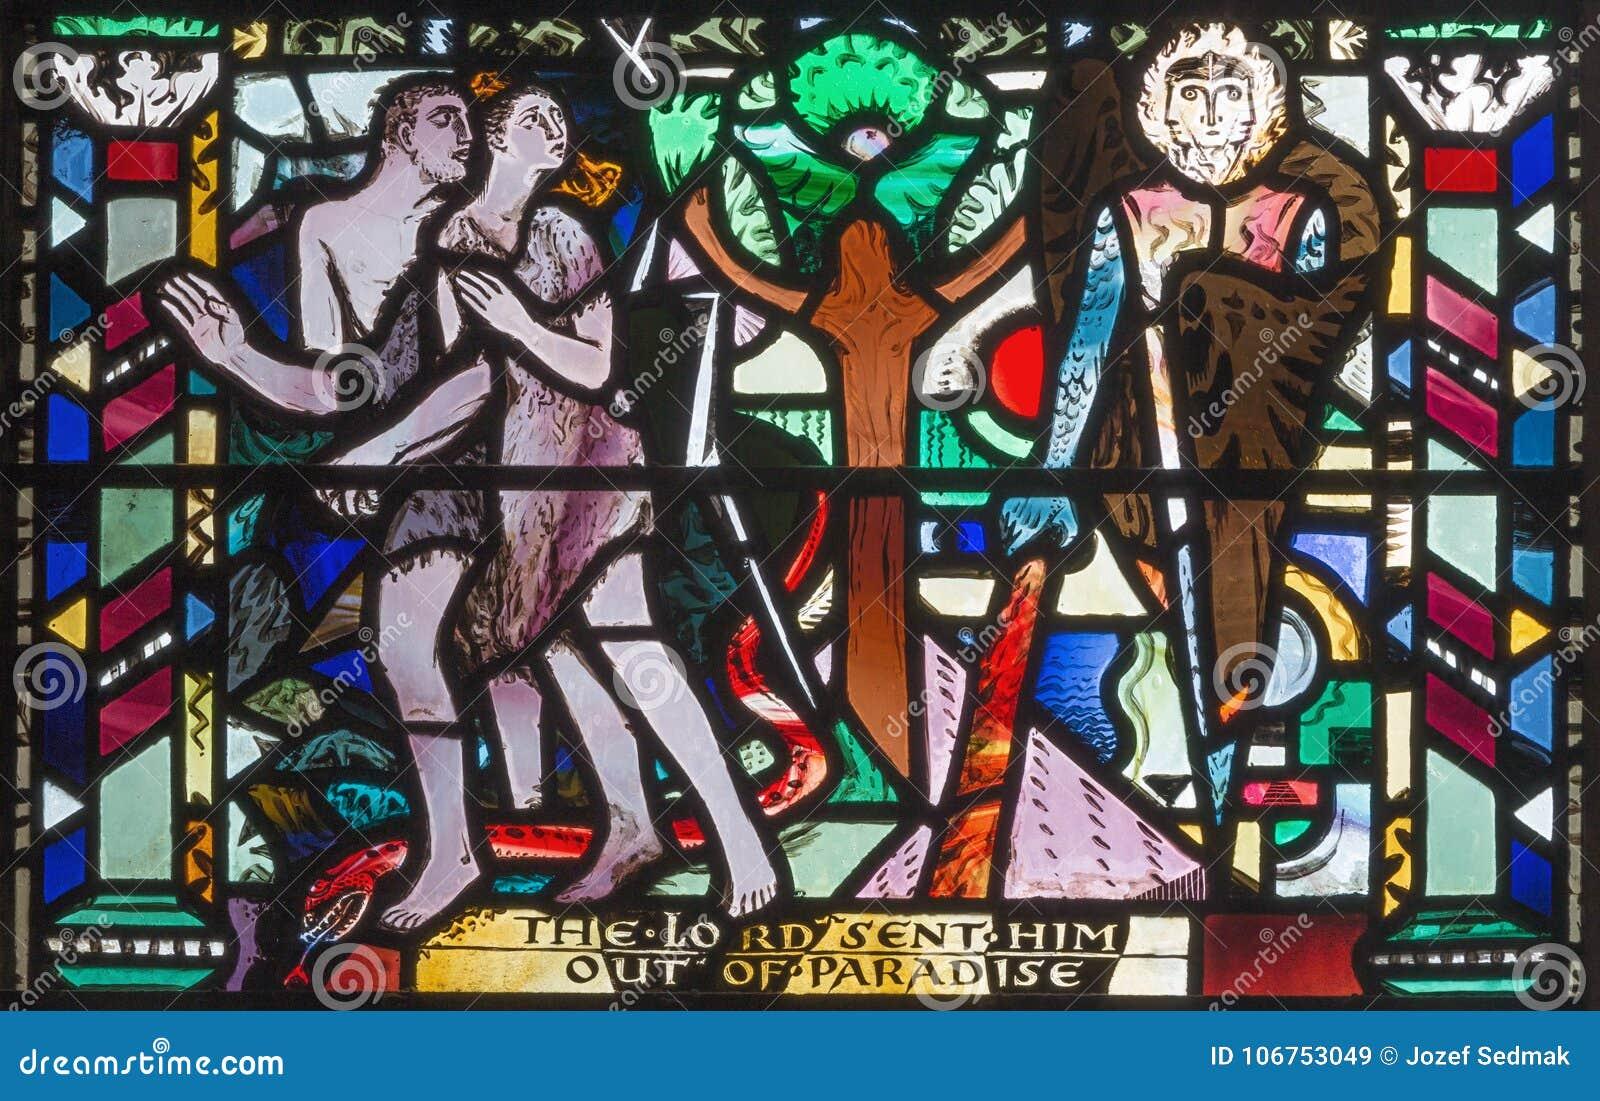 LONDEN, GROOT-BRITTANNIË - SEPTEMBER 16, 2017: De Uitwijzing van Adam en Vooravond van Paradijs op het gebrandschilderde glas in